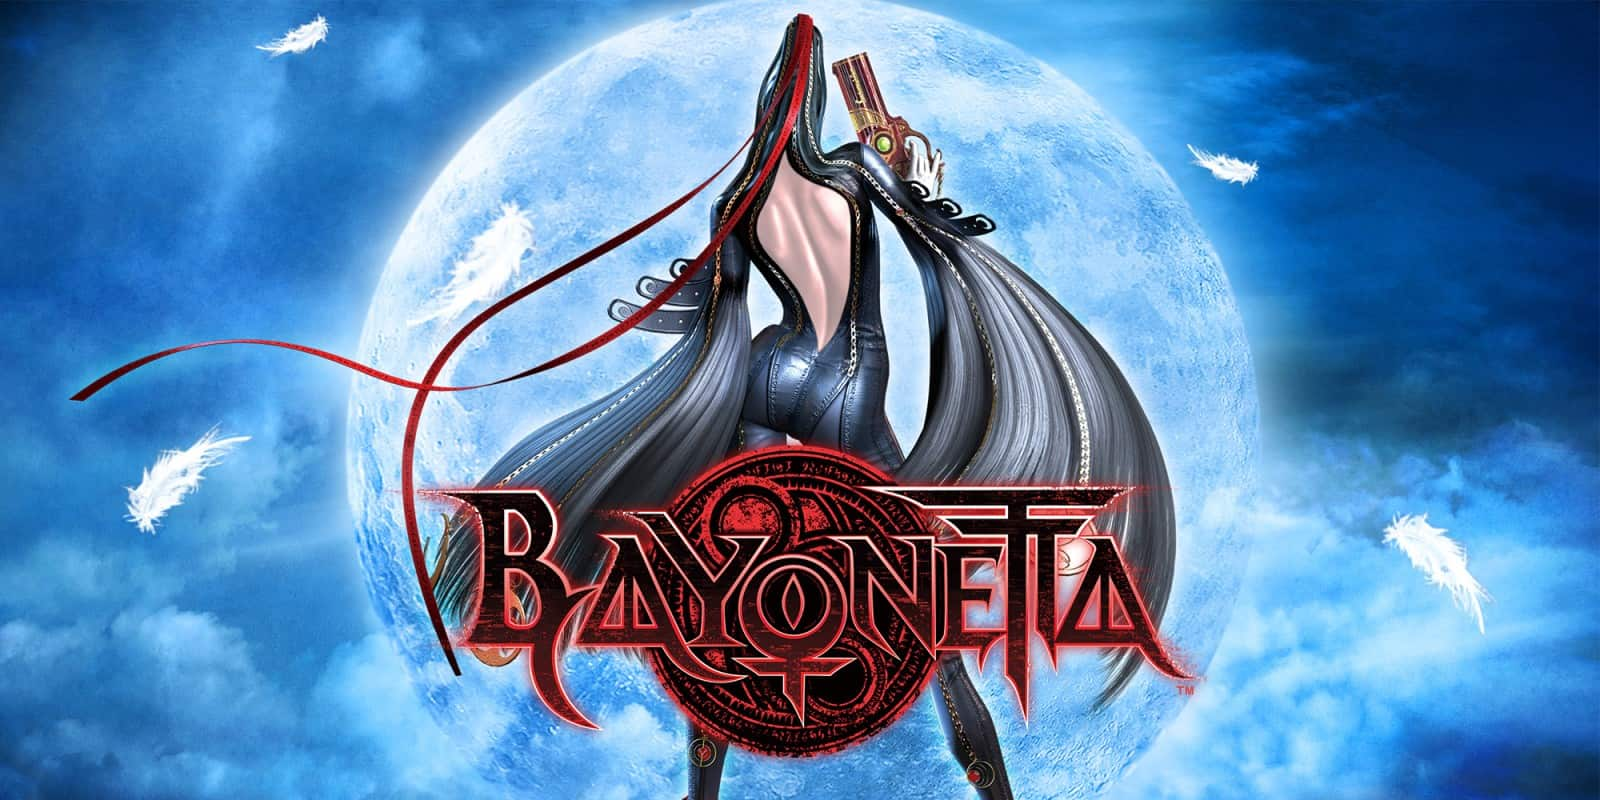 Bayonetta compie 10 anni